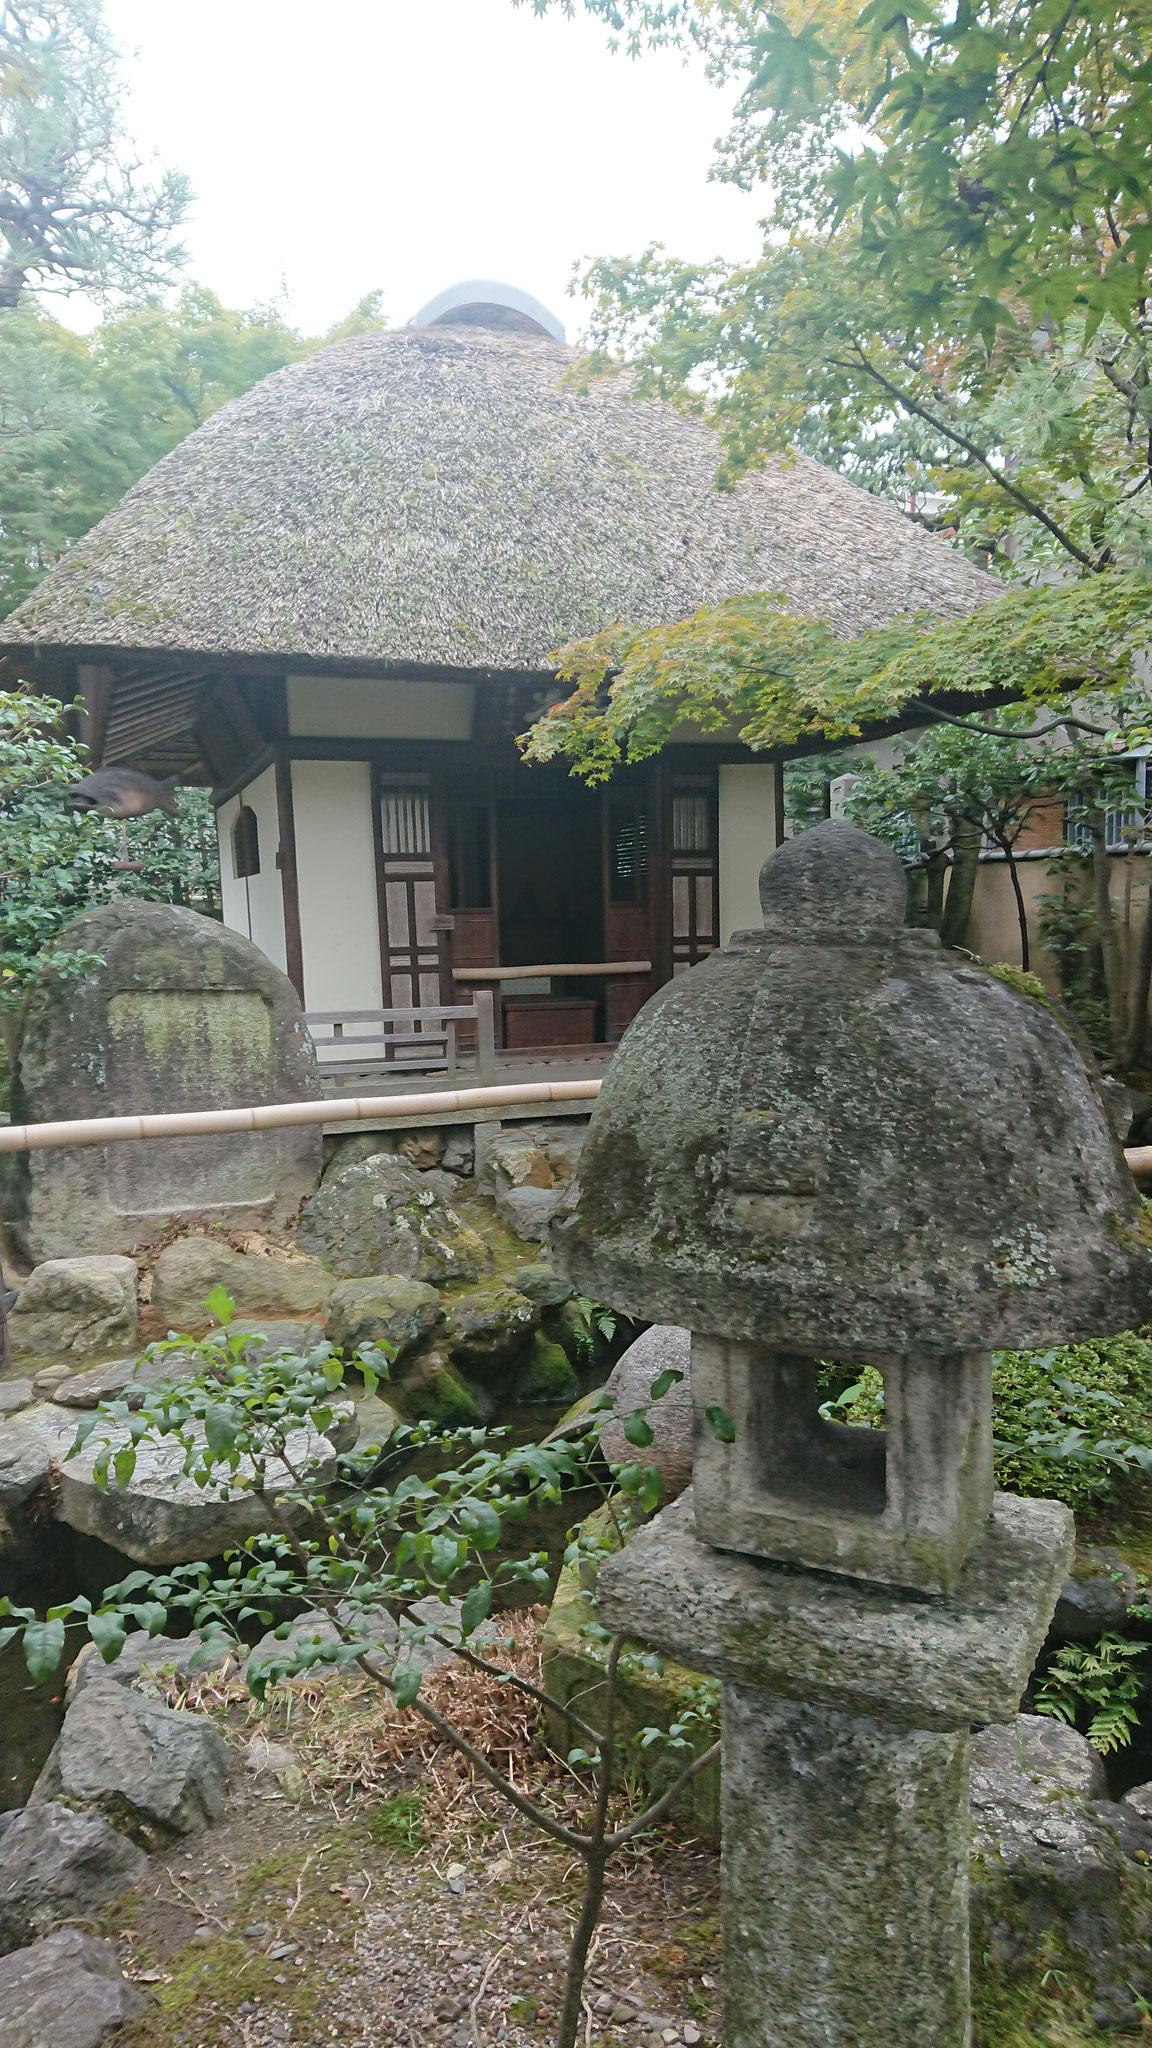 翁堂 芭蕉の像を安置する堂